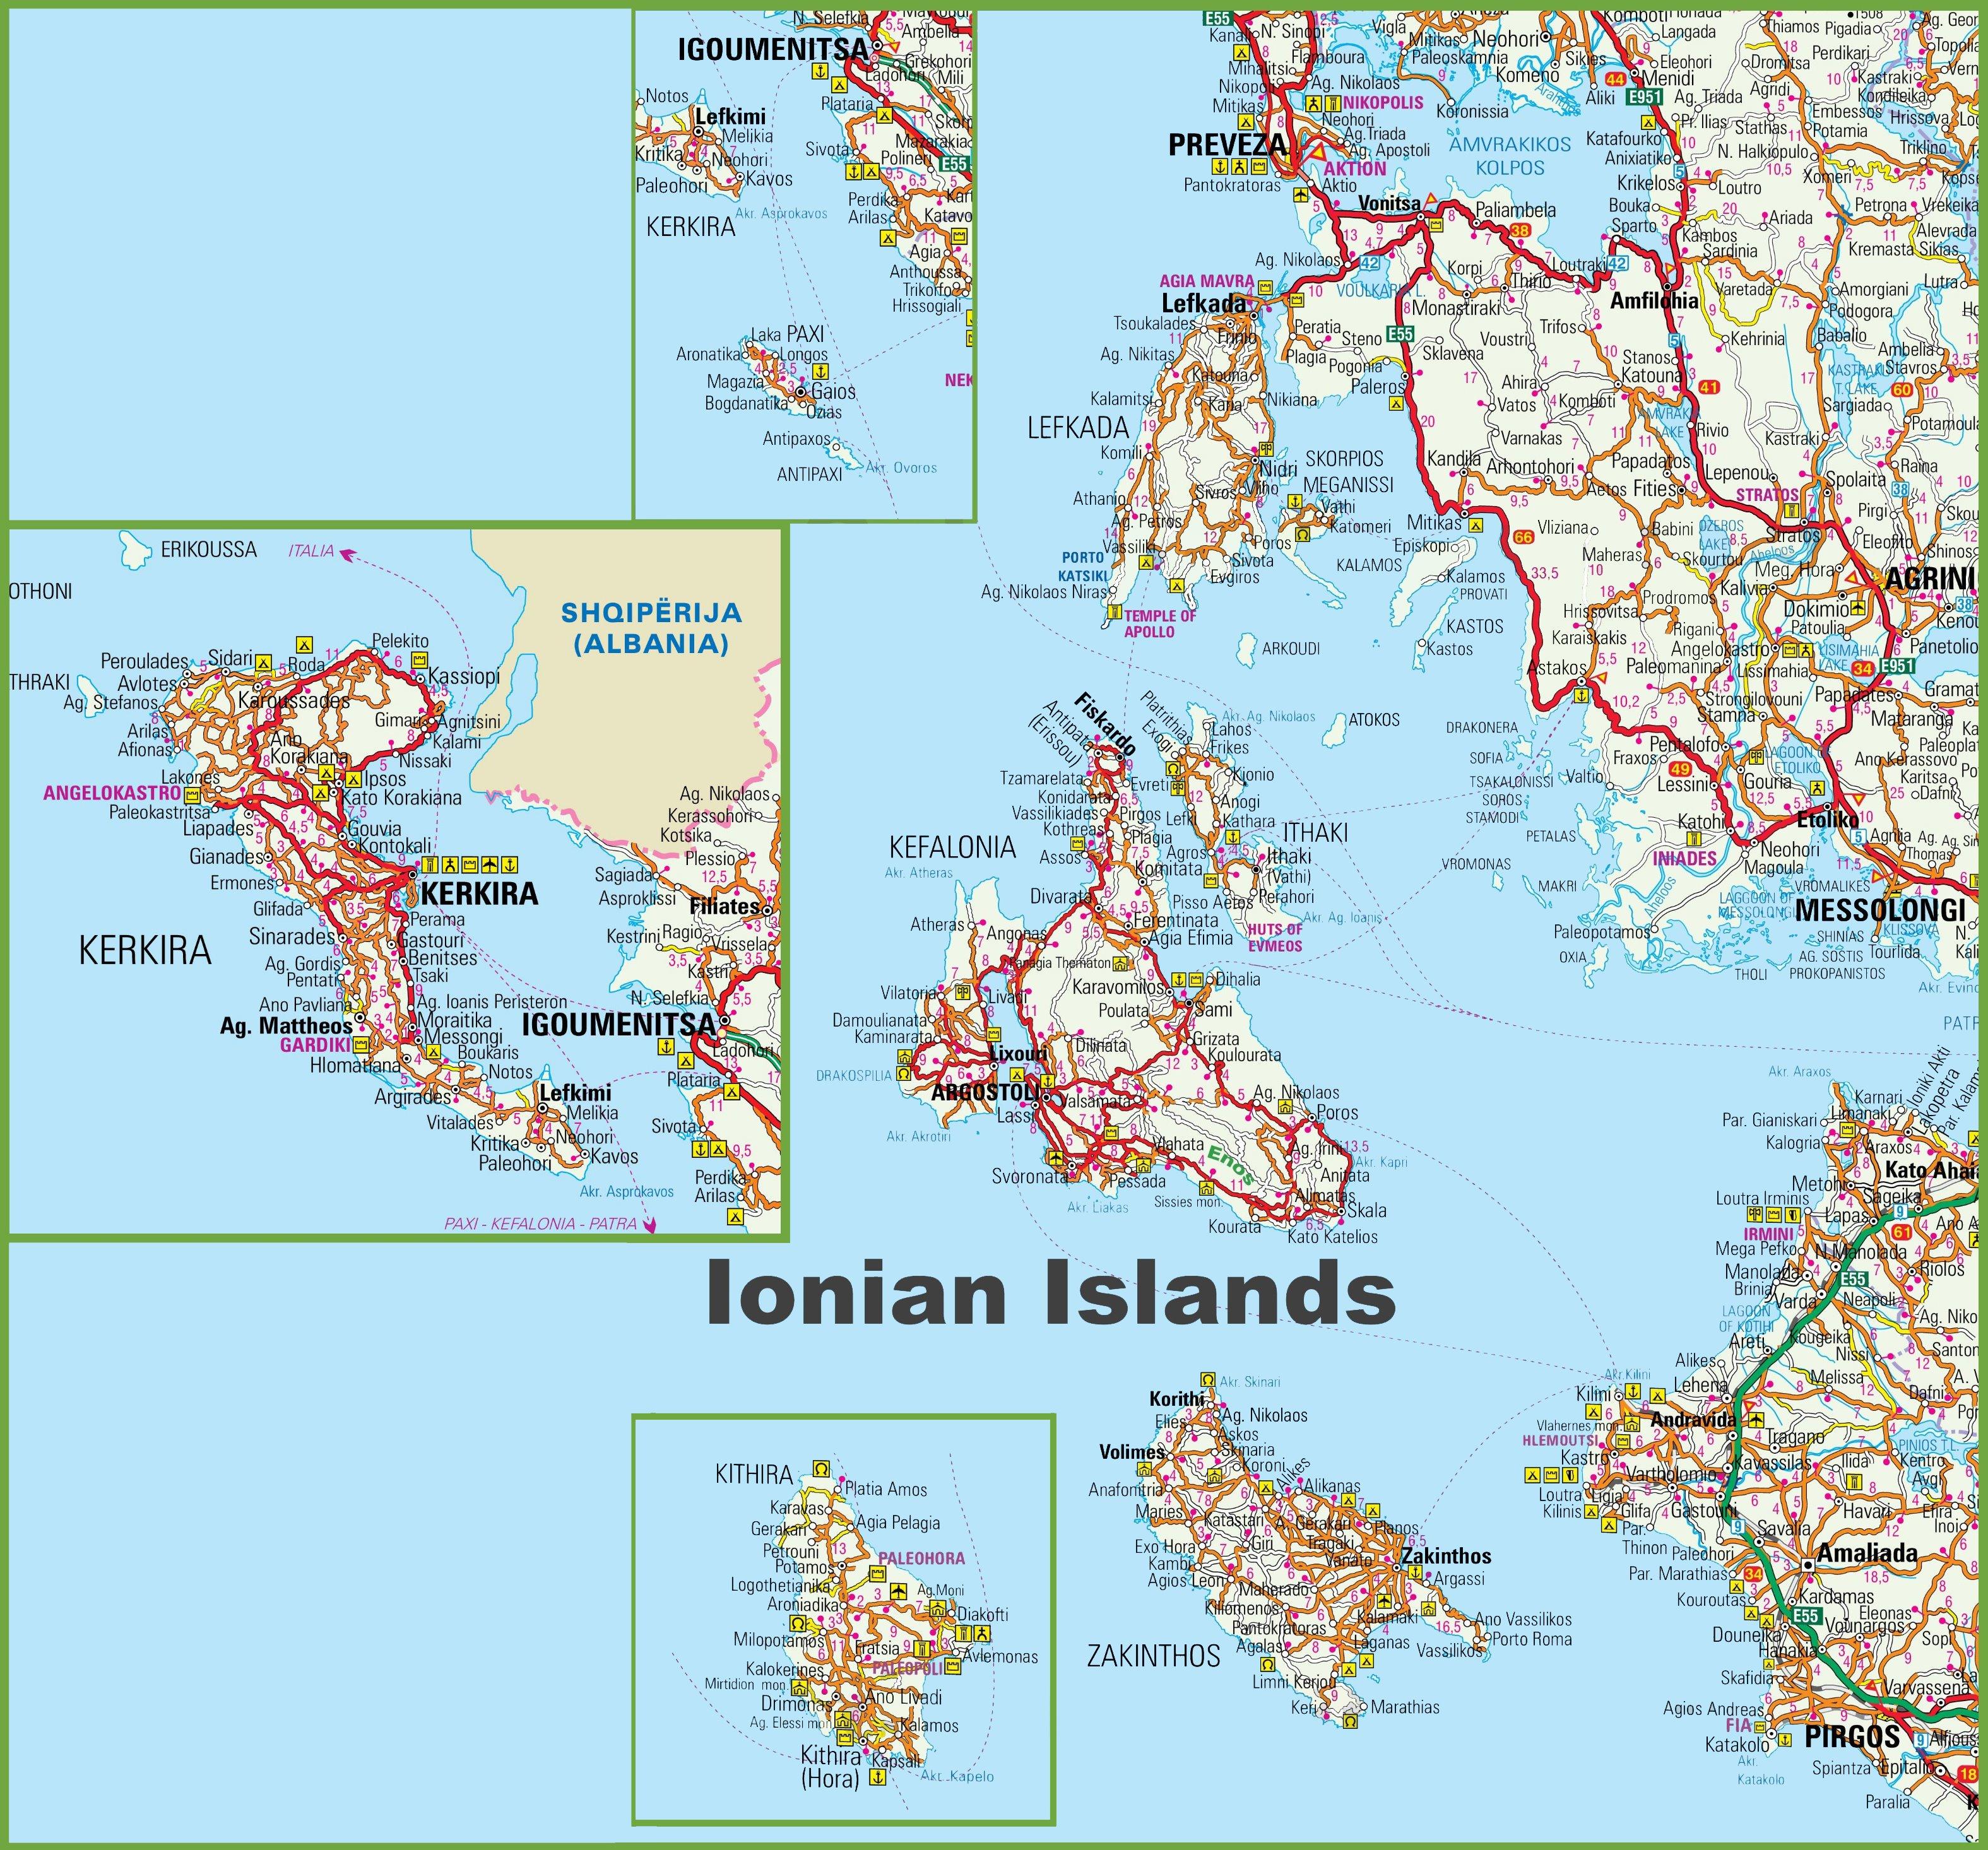 Podrobnye Karty Ionicheskih Ostrovov Detalnye Pechatnye Karty